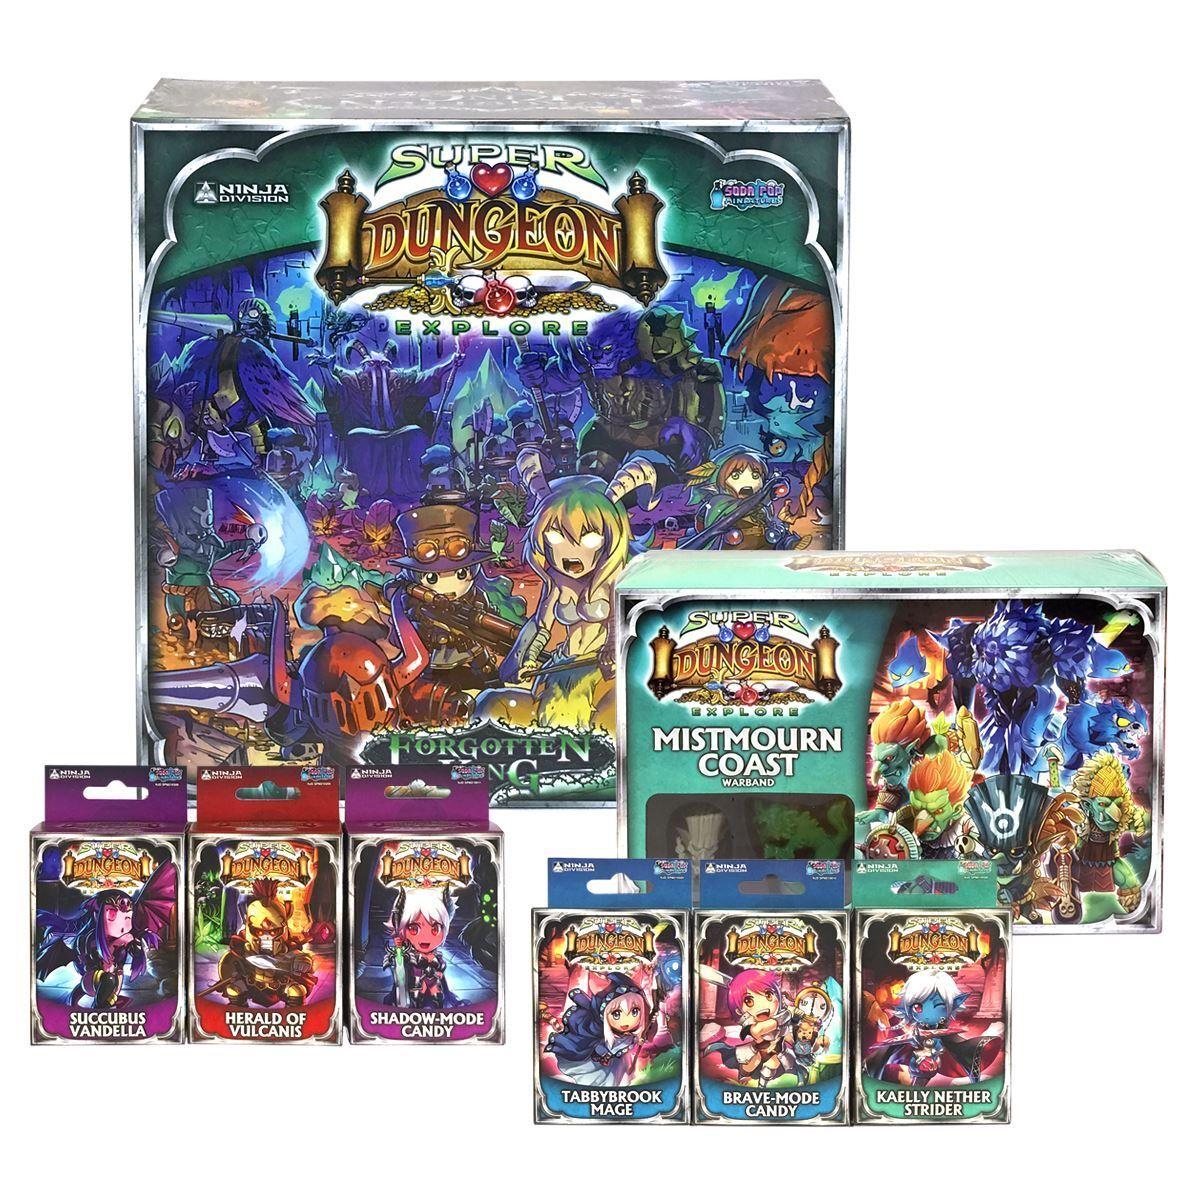 Nouveau Super Dungeon Explore Paquet Oublié King Board Mistmourn Mistmourn Mistmourn Modèles Officel 0037a0